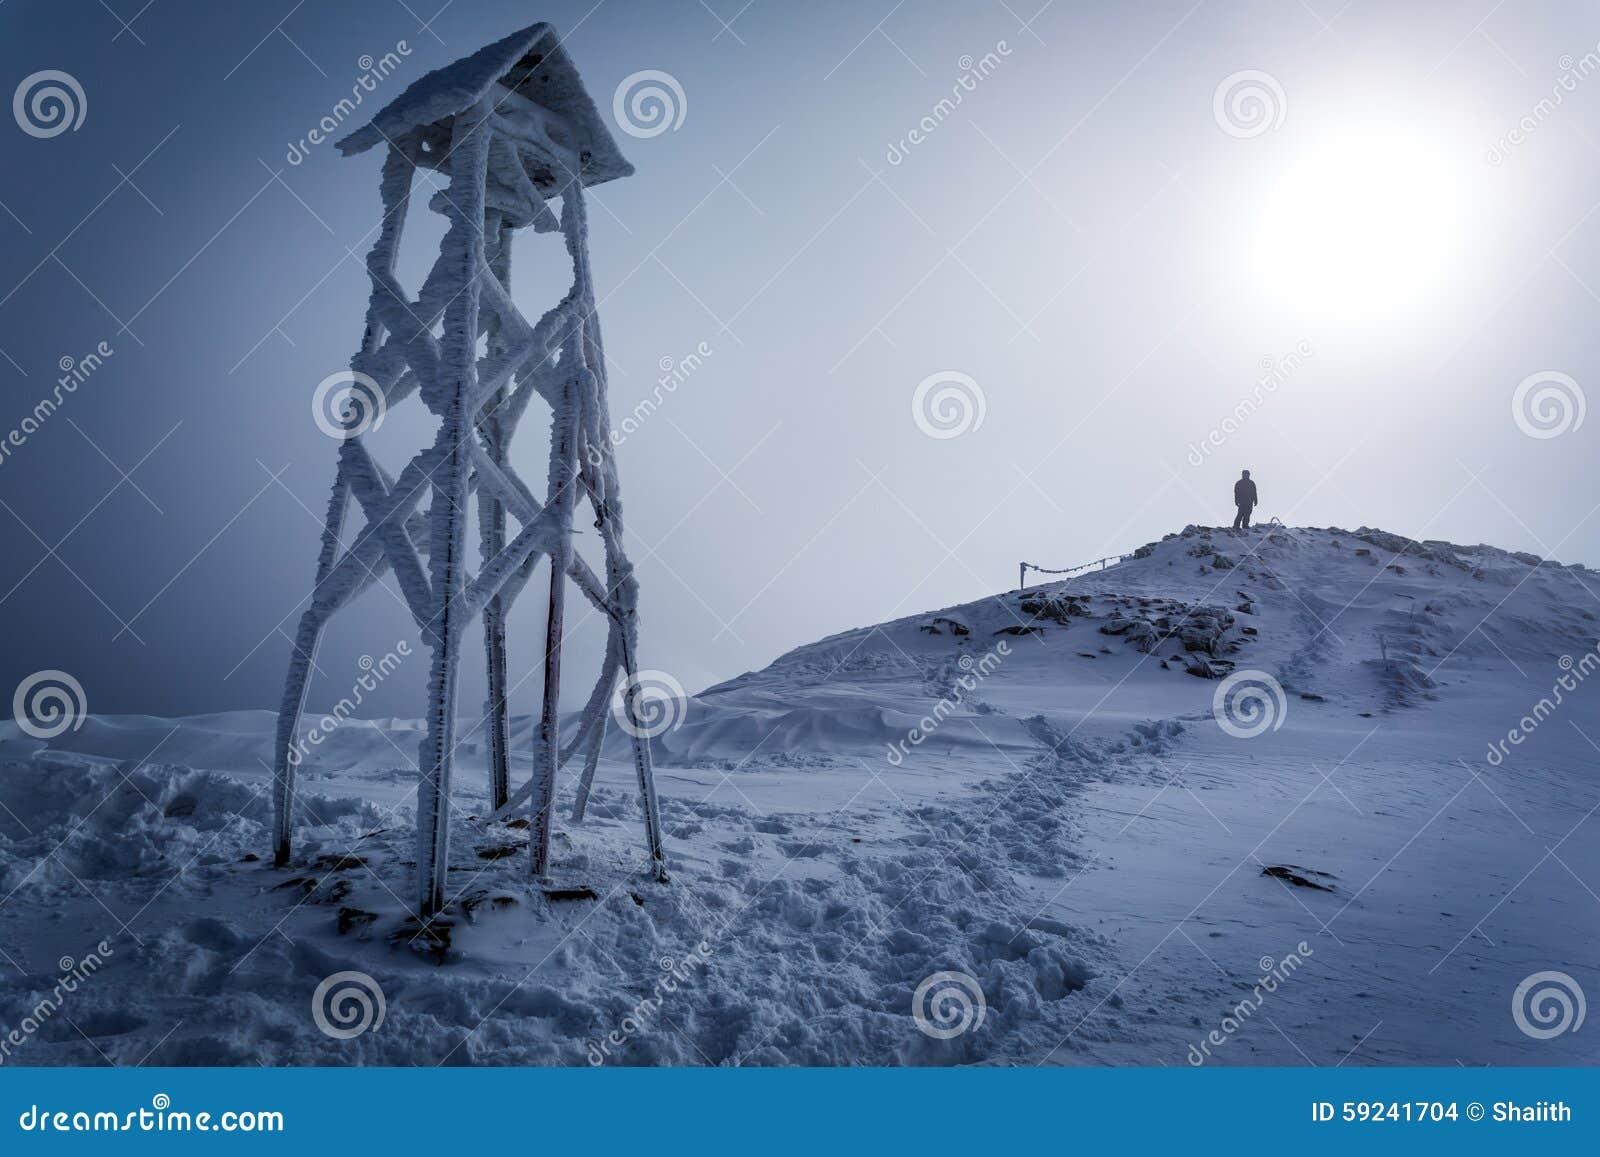 Hombre solitario en el top de la montaña en invierno